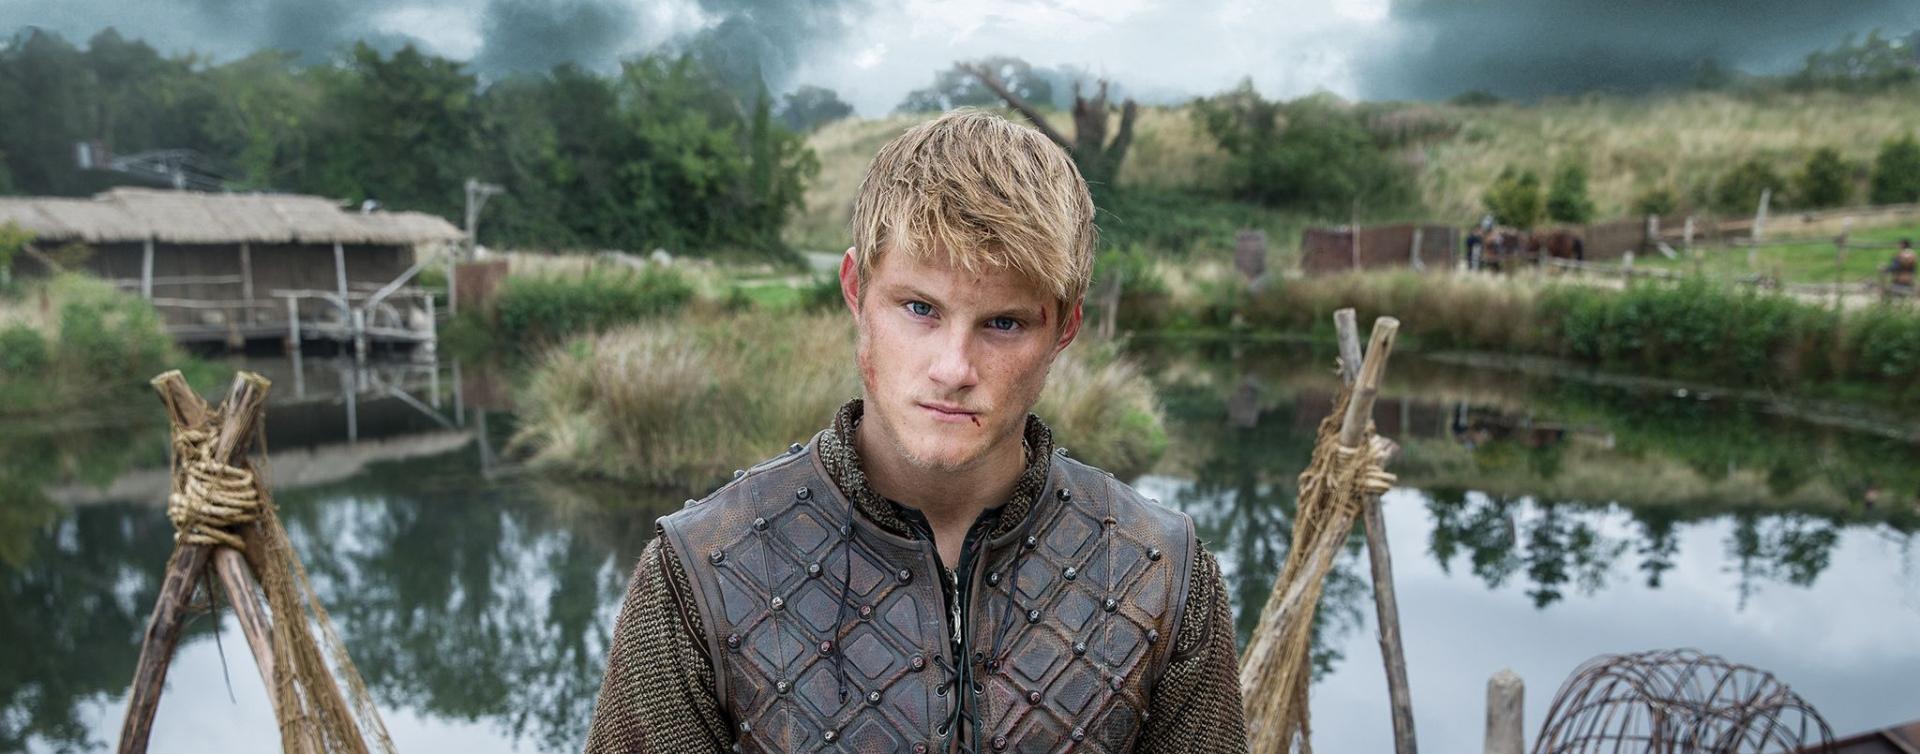 Vikings-tv-series-image-vikings-tv-series-36808545-2048-1408